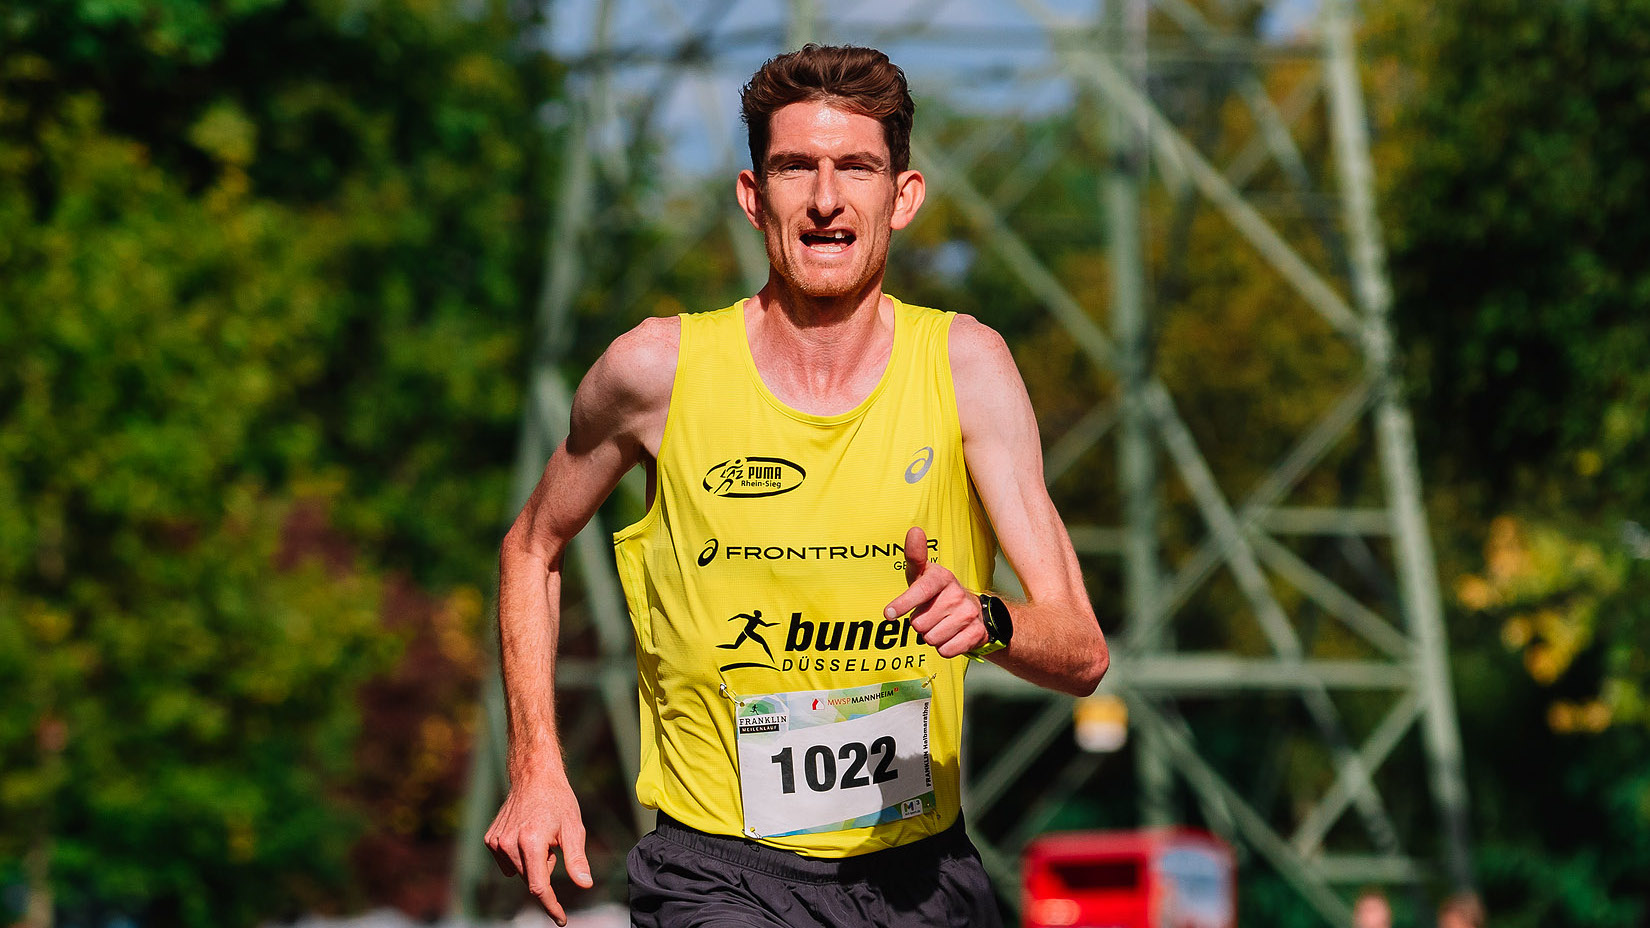 Nikki Johnstone Wechselt Zu Rhein-marathon Düsseldorf E.V.